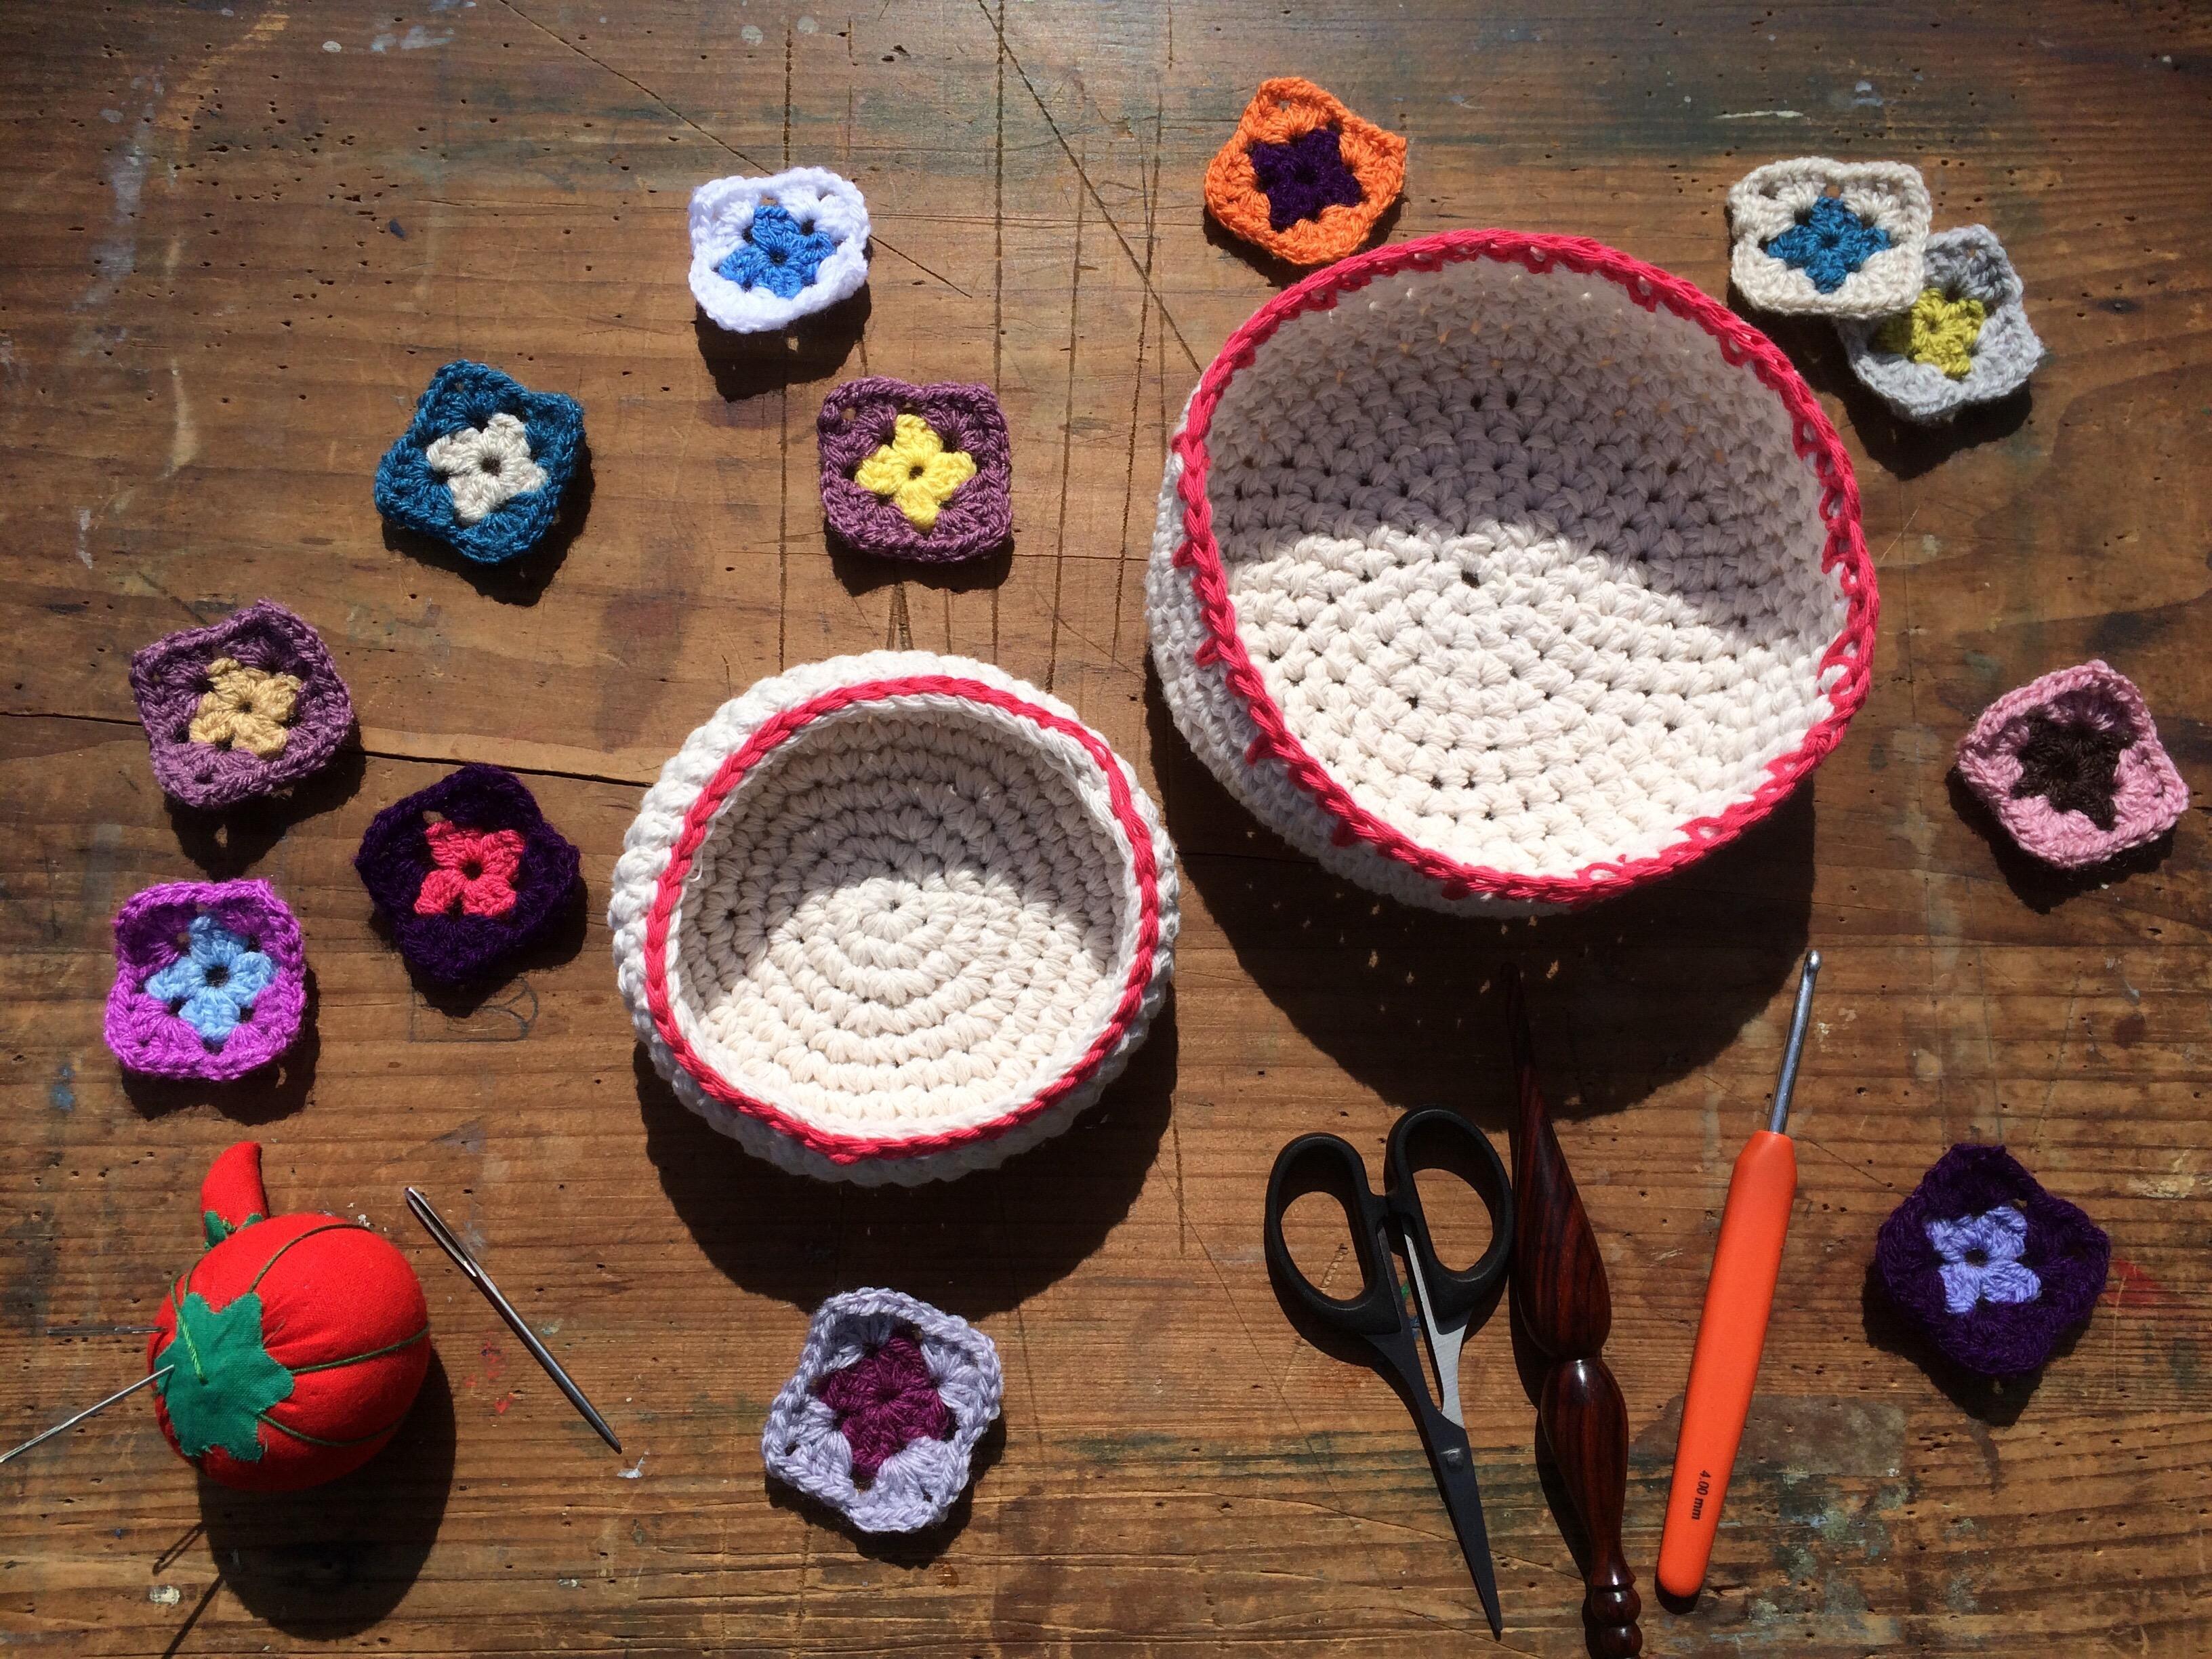 Crochet Baskets | MyCraftyMusings